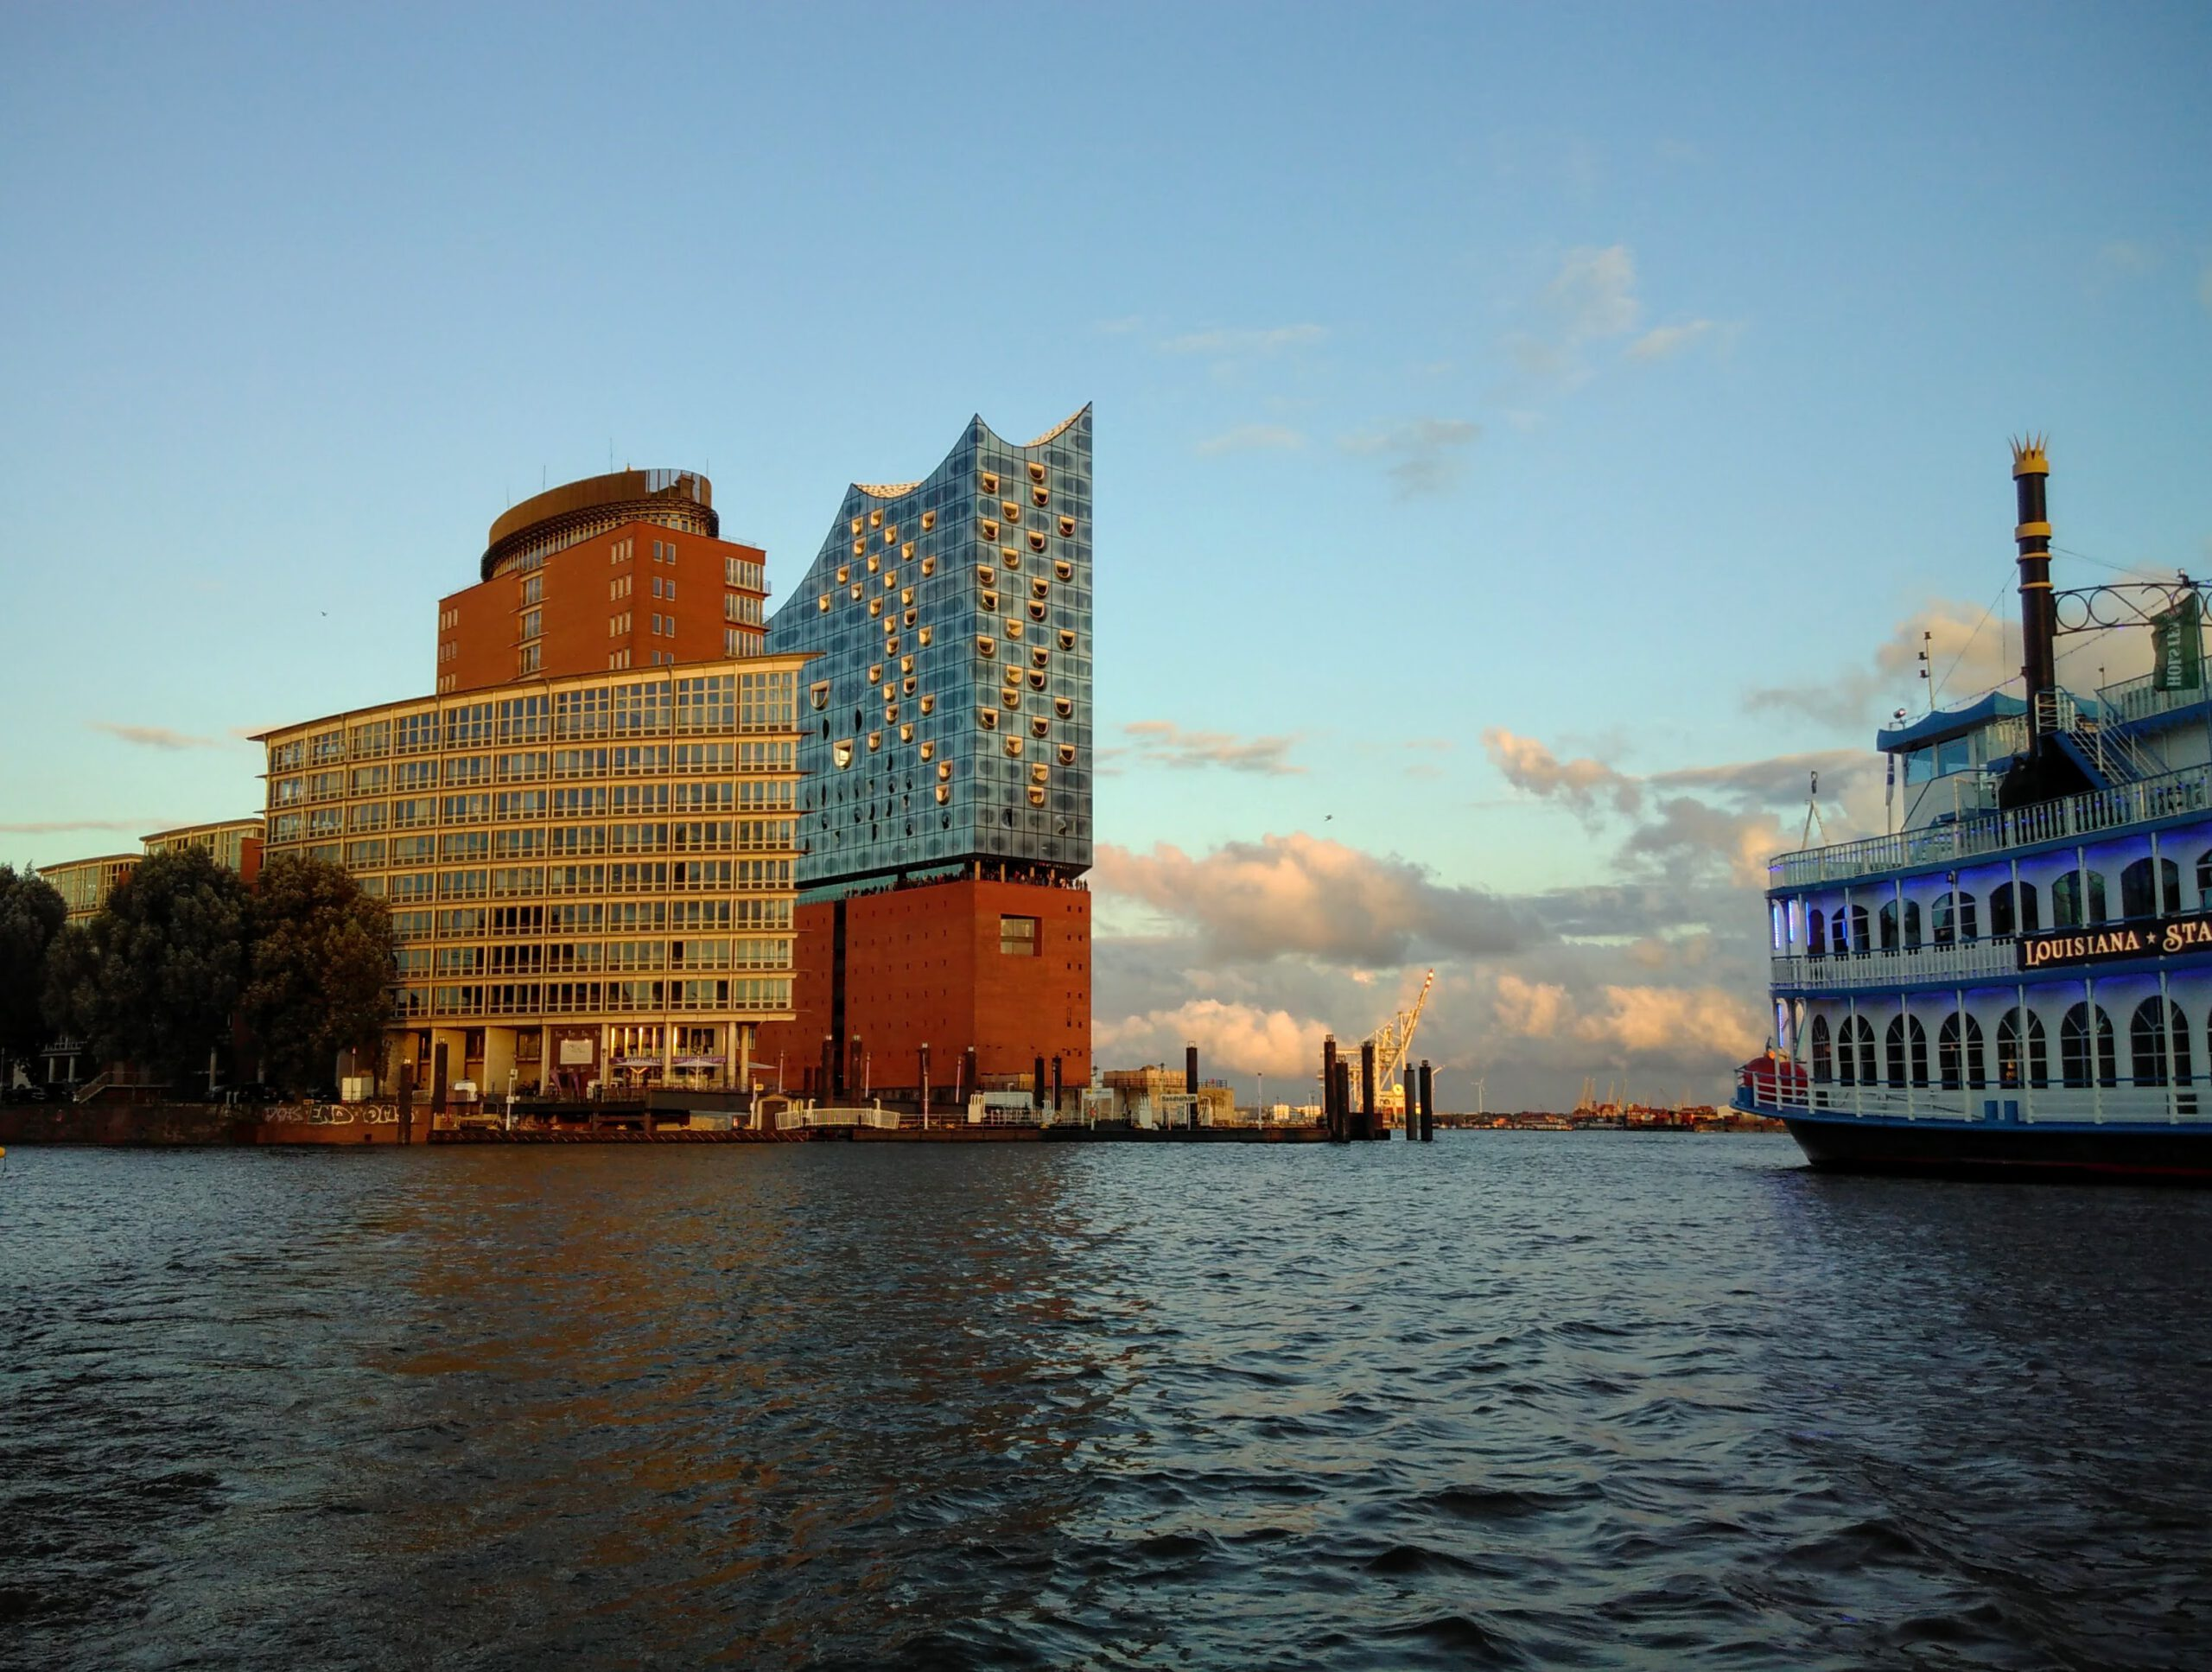 من أهم مخازن الميناء إلى أحد أهم معالم هامبورغ